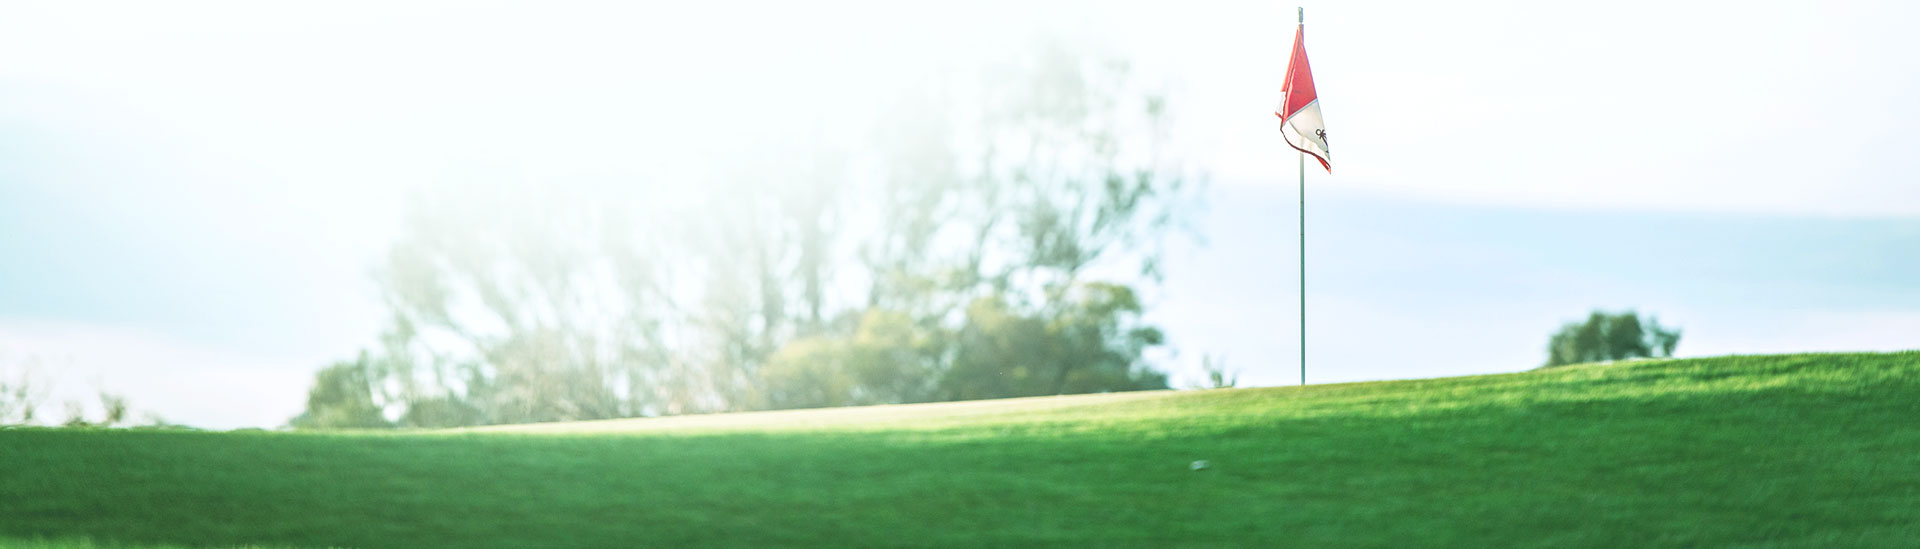 Golf Practice Diary: Fitness Edge